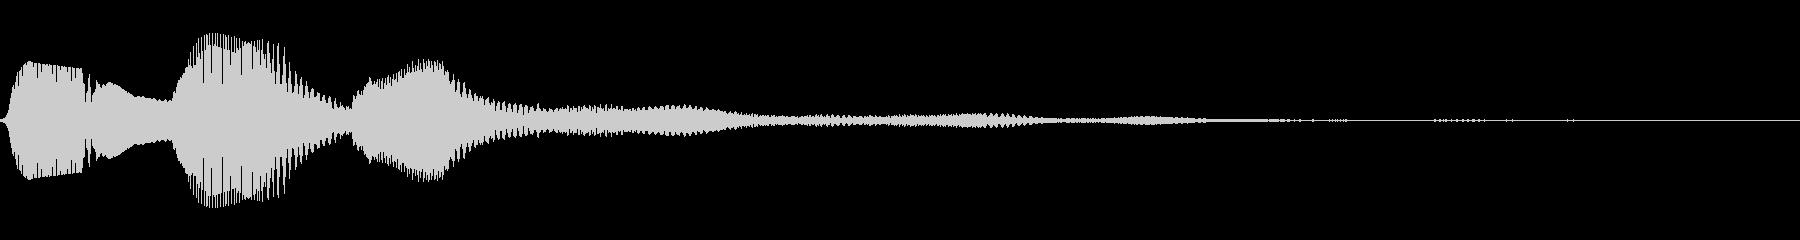 パピコン(ダイアログ開く_02)の未再生の波形